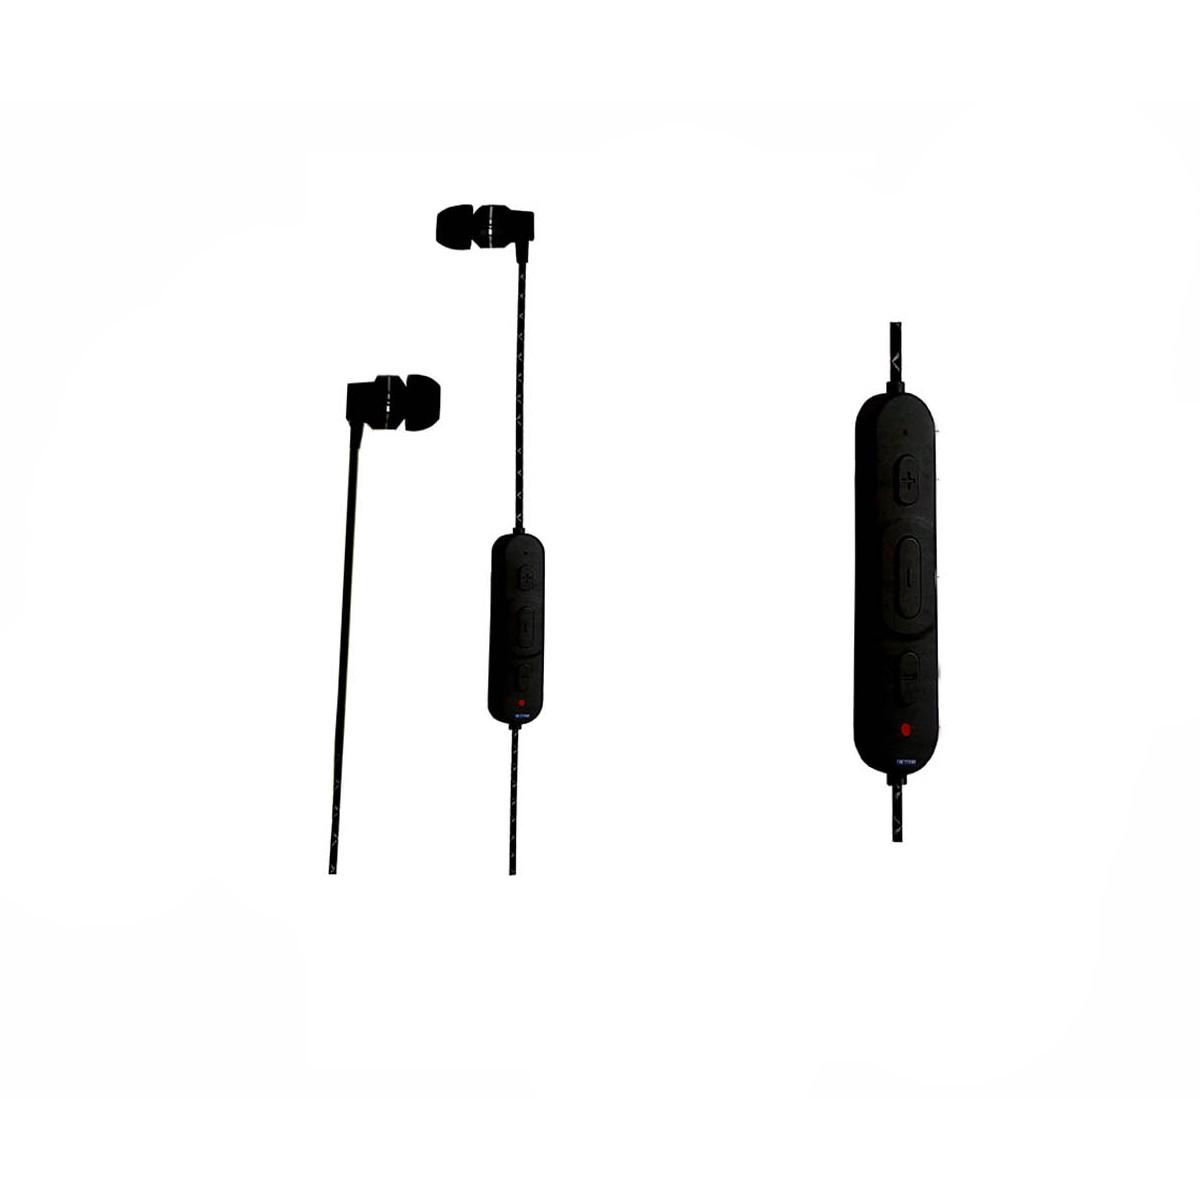 Fone In-Ear Preto Bluetooth com controle CSR CB